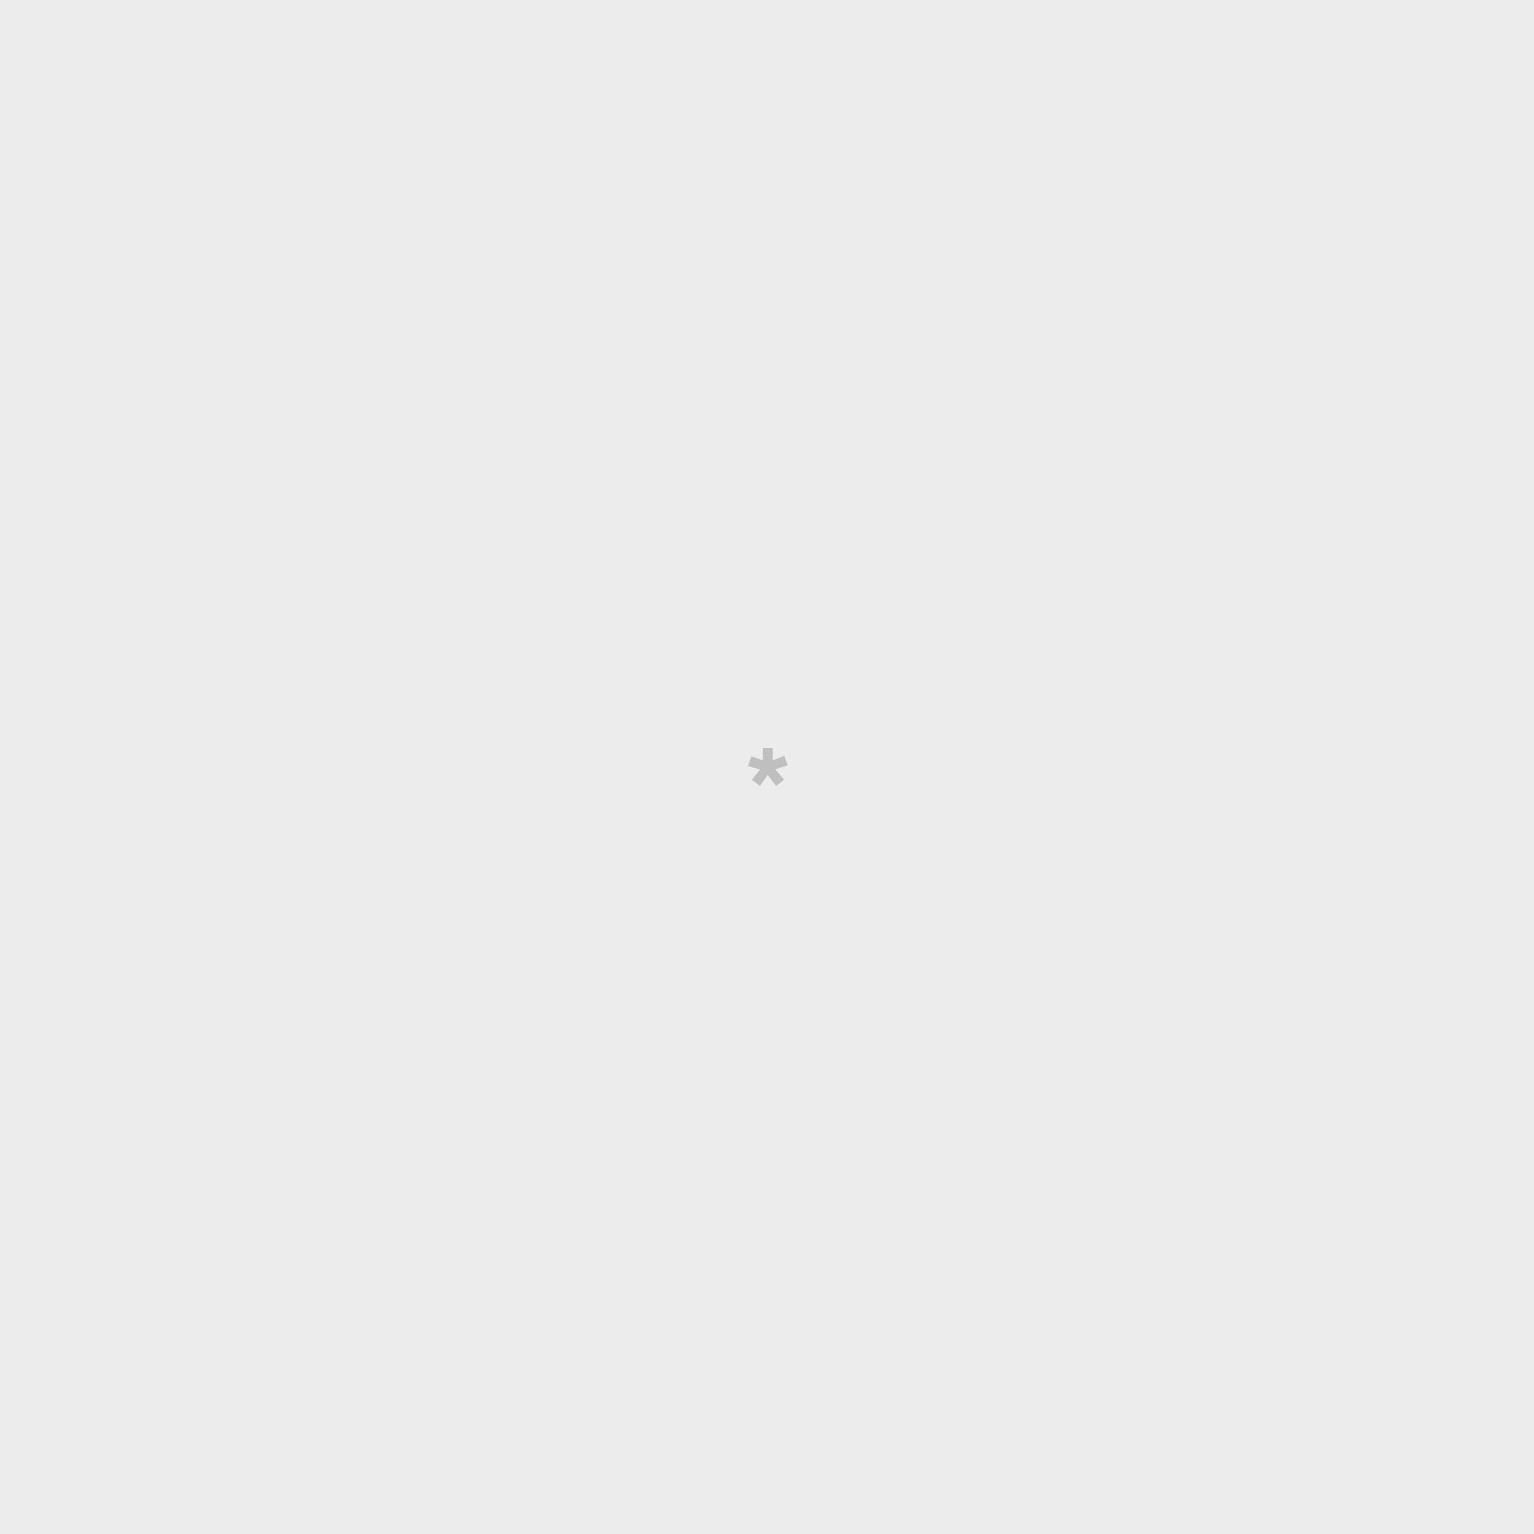 Álbum de fotografias - Recordações que são só no